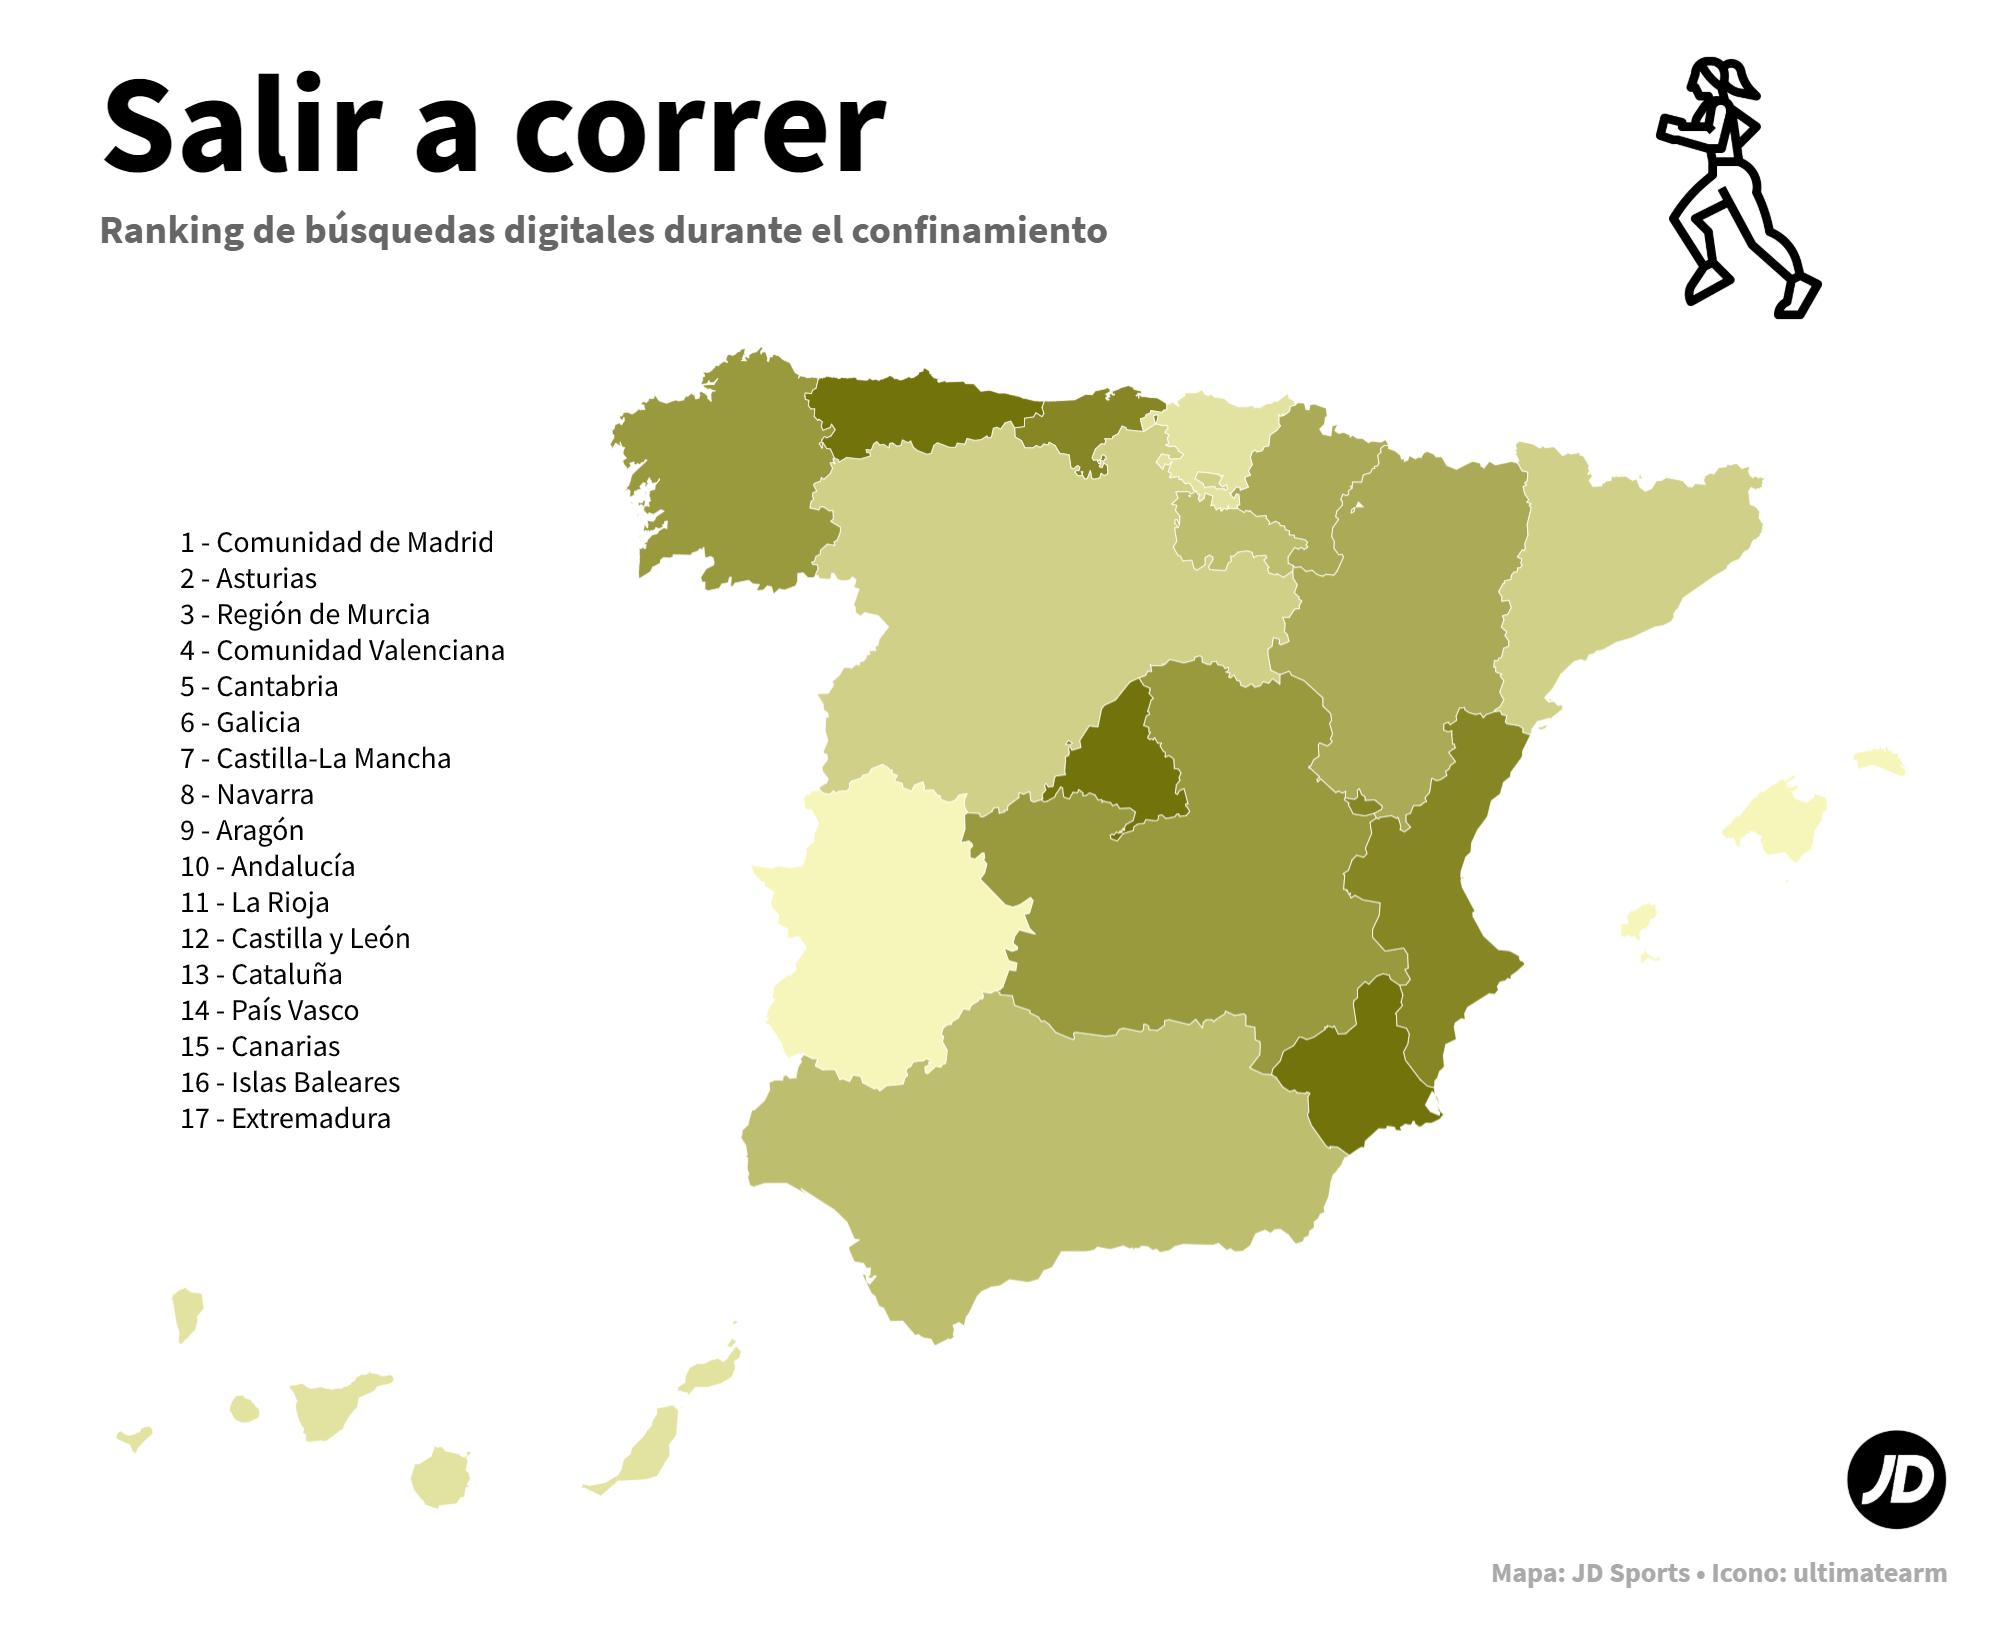 Mapa de España con las comunidades autónomas más interesadas en salir a correr durante el confinamiento